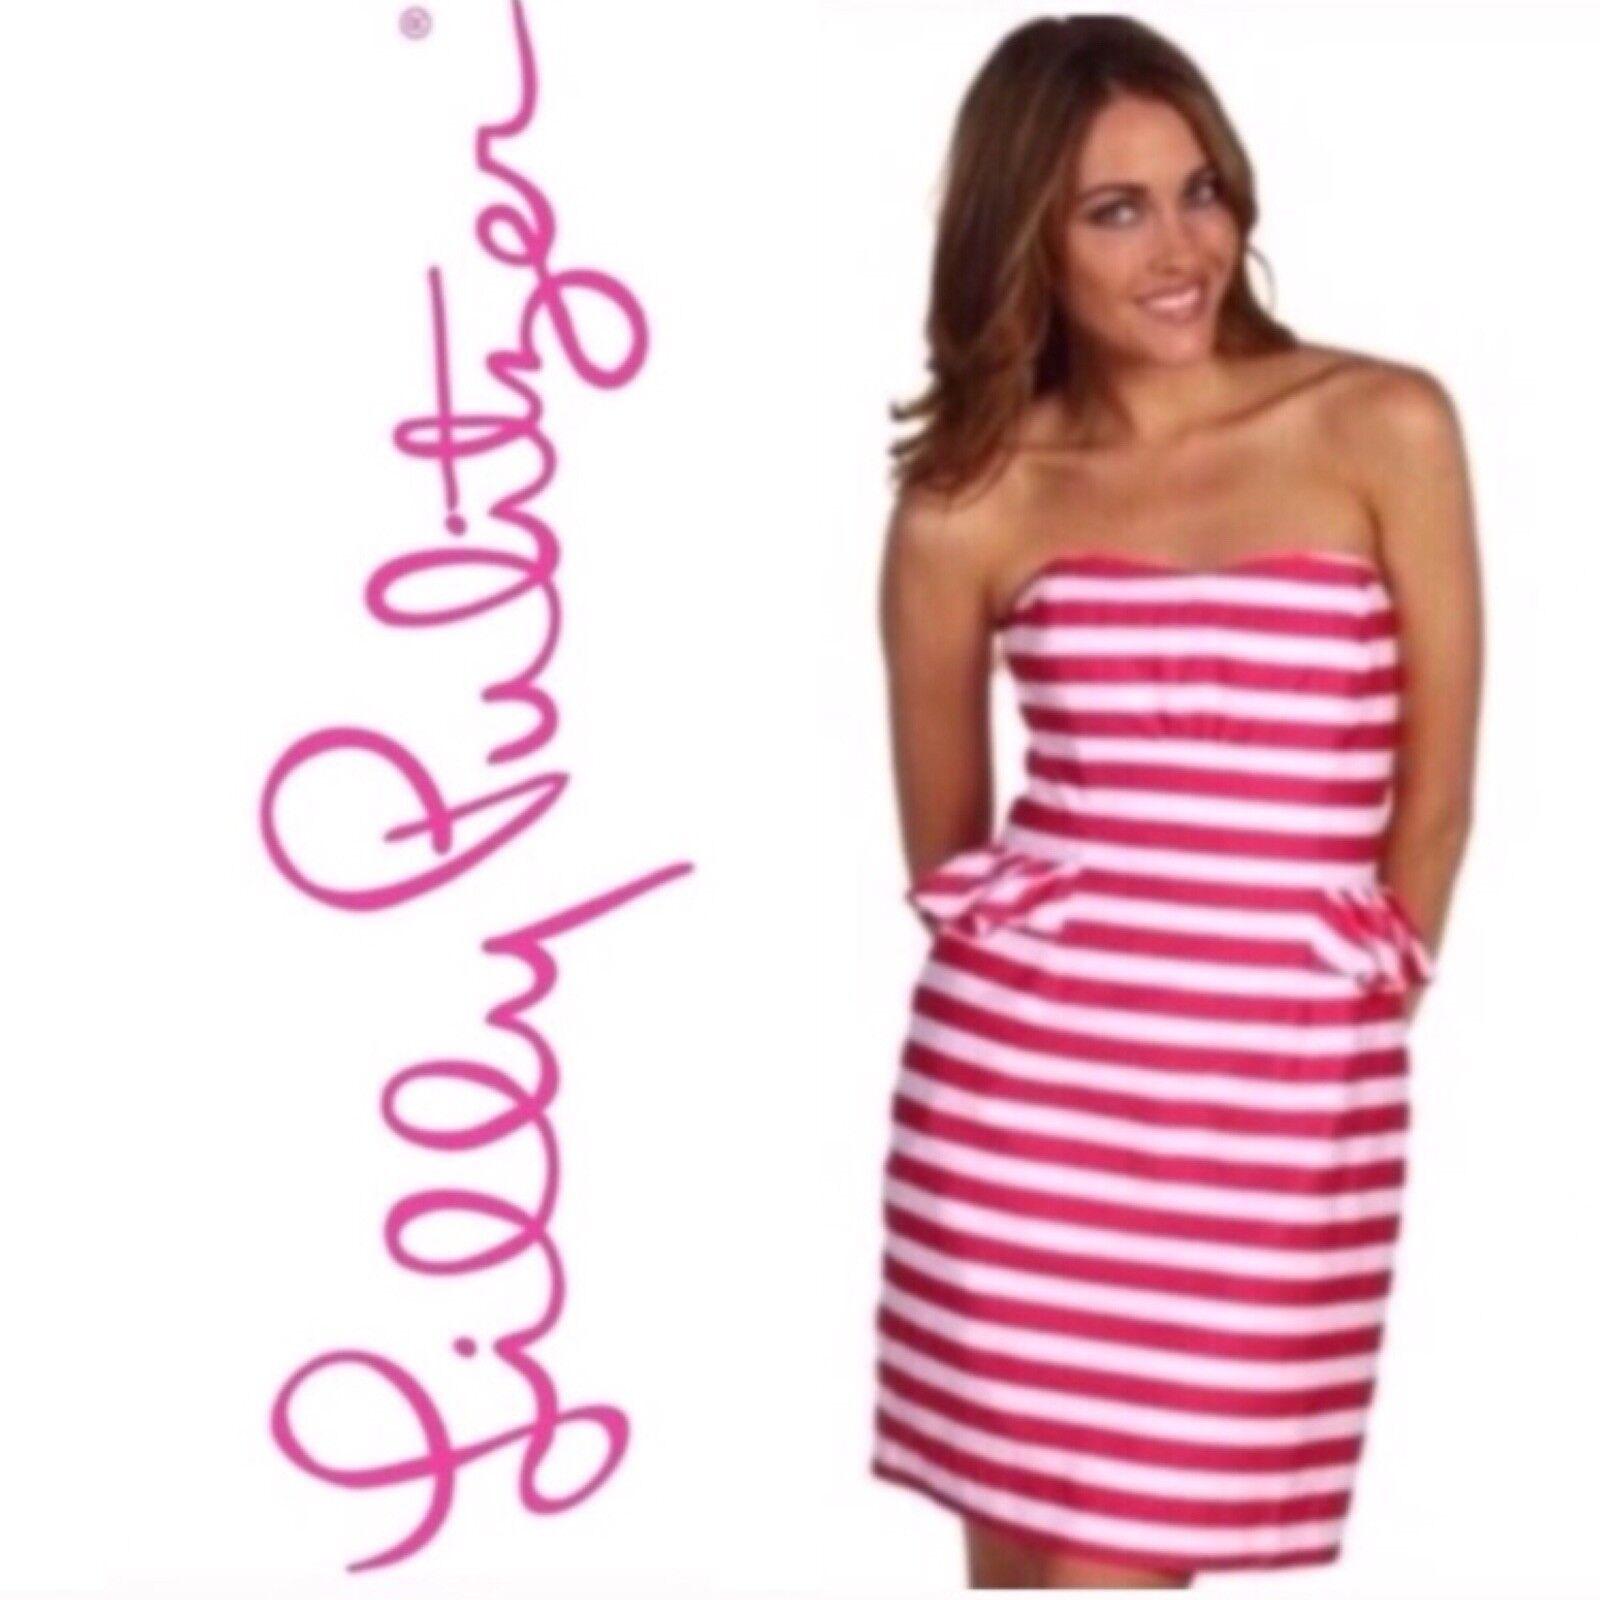 NEW Lilly Pulitzer Peplum Striped Strapless Mini Dress Size Size Size 0 Pink White f108fa